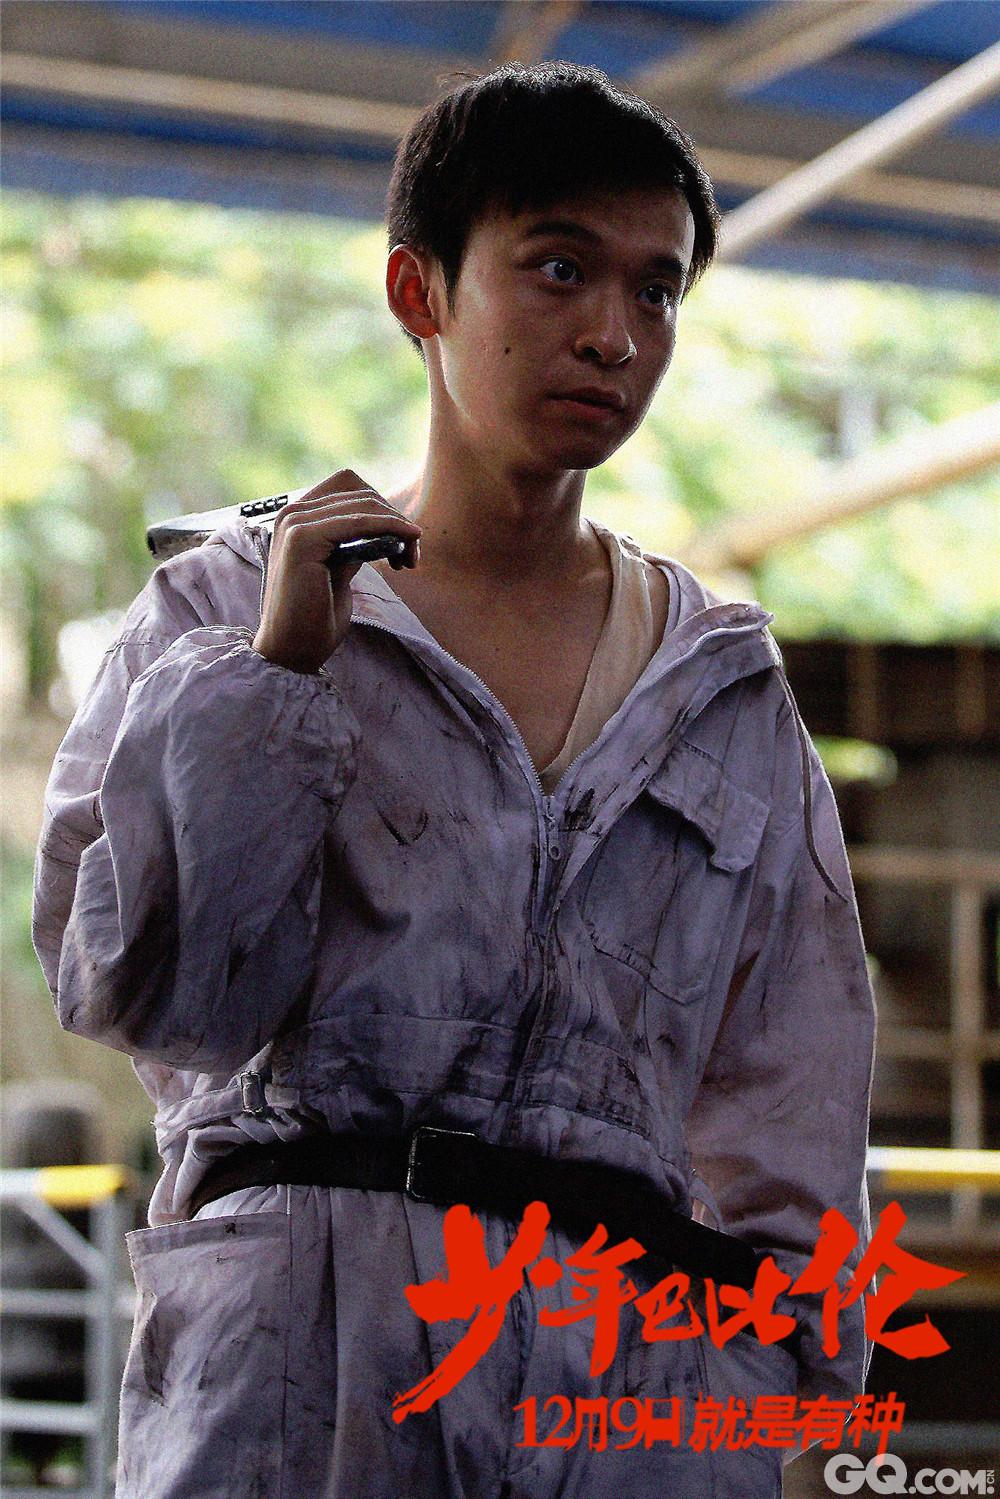 由相国强执导,董子健,李梦主演的电影《少年巴比伦》近日在青岛举行